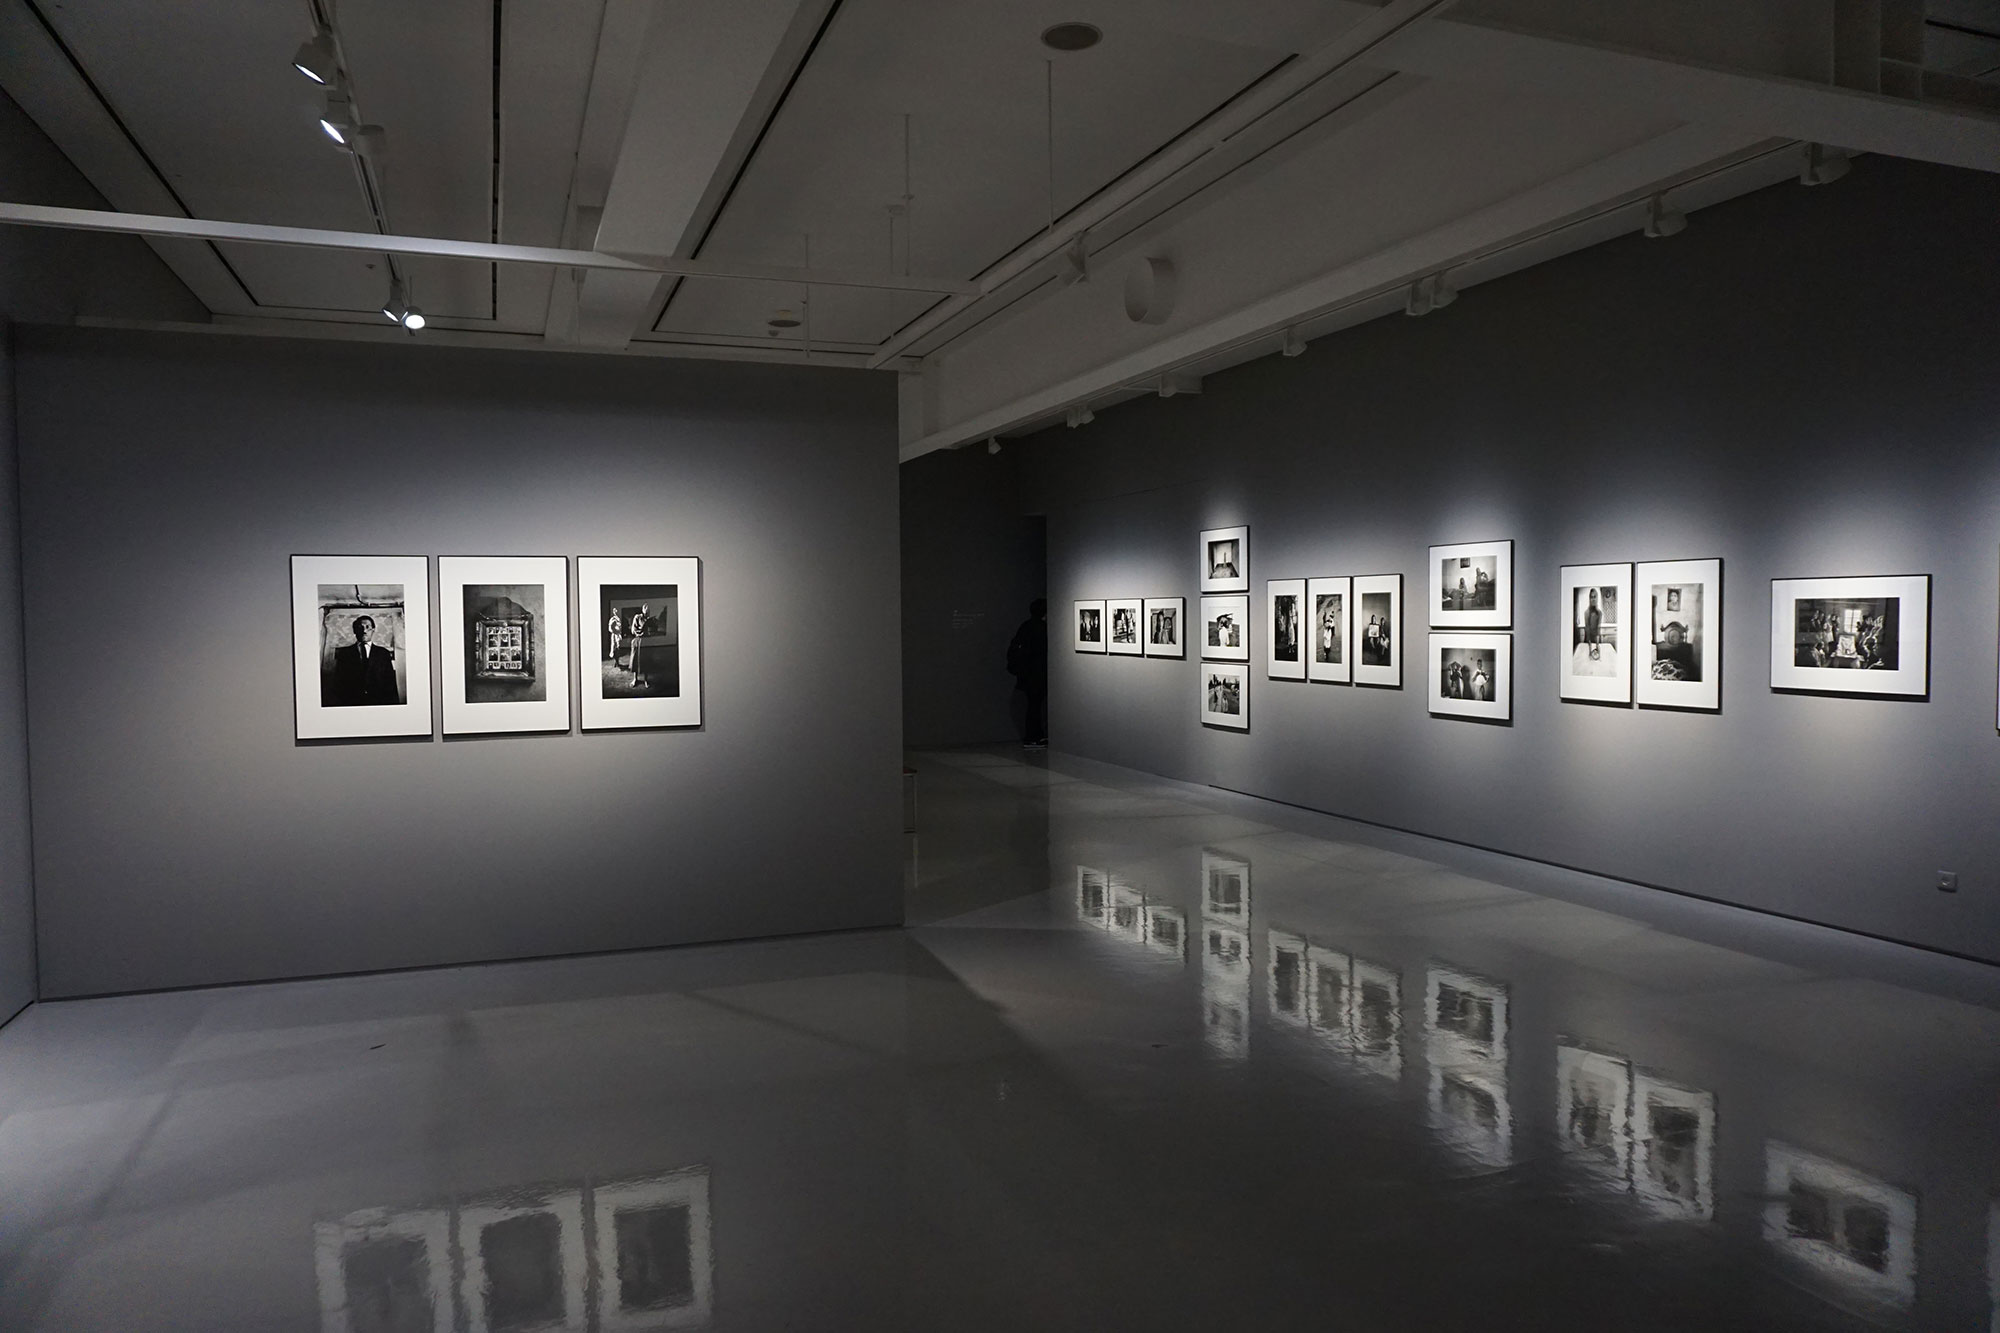 Musei on line: tour virtuali dei musei più belli del mondo